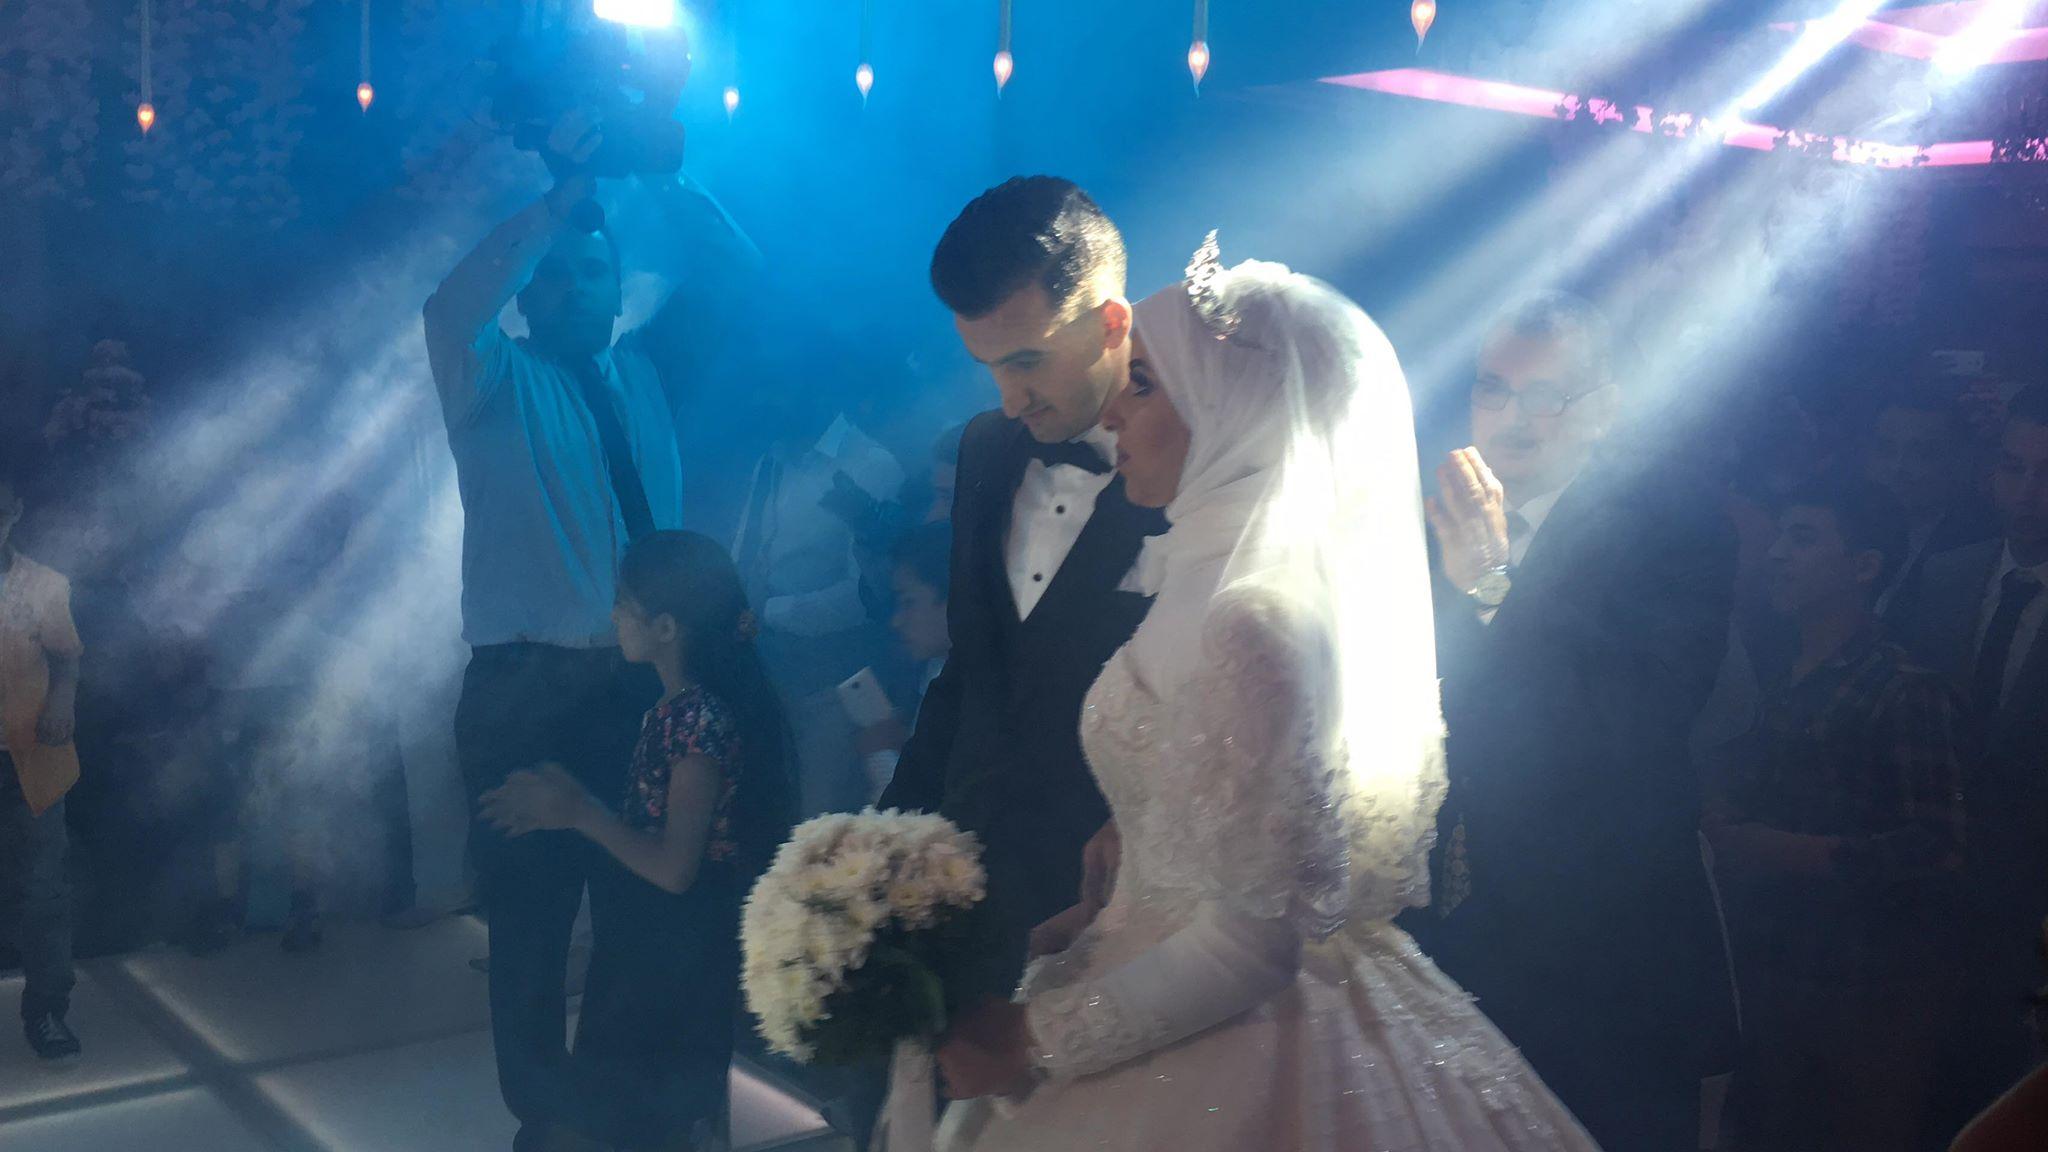 دونجا يحتفل بحفل زفافه (18)